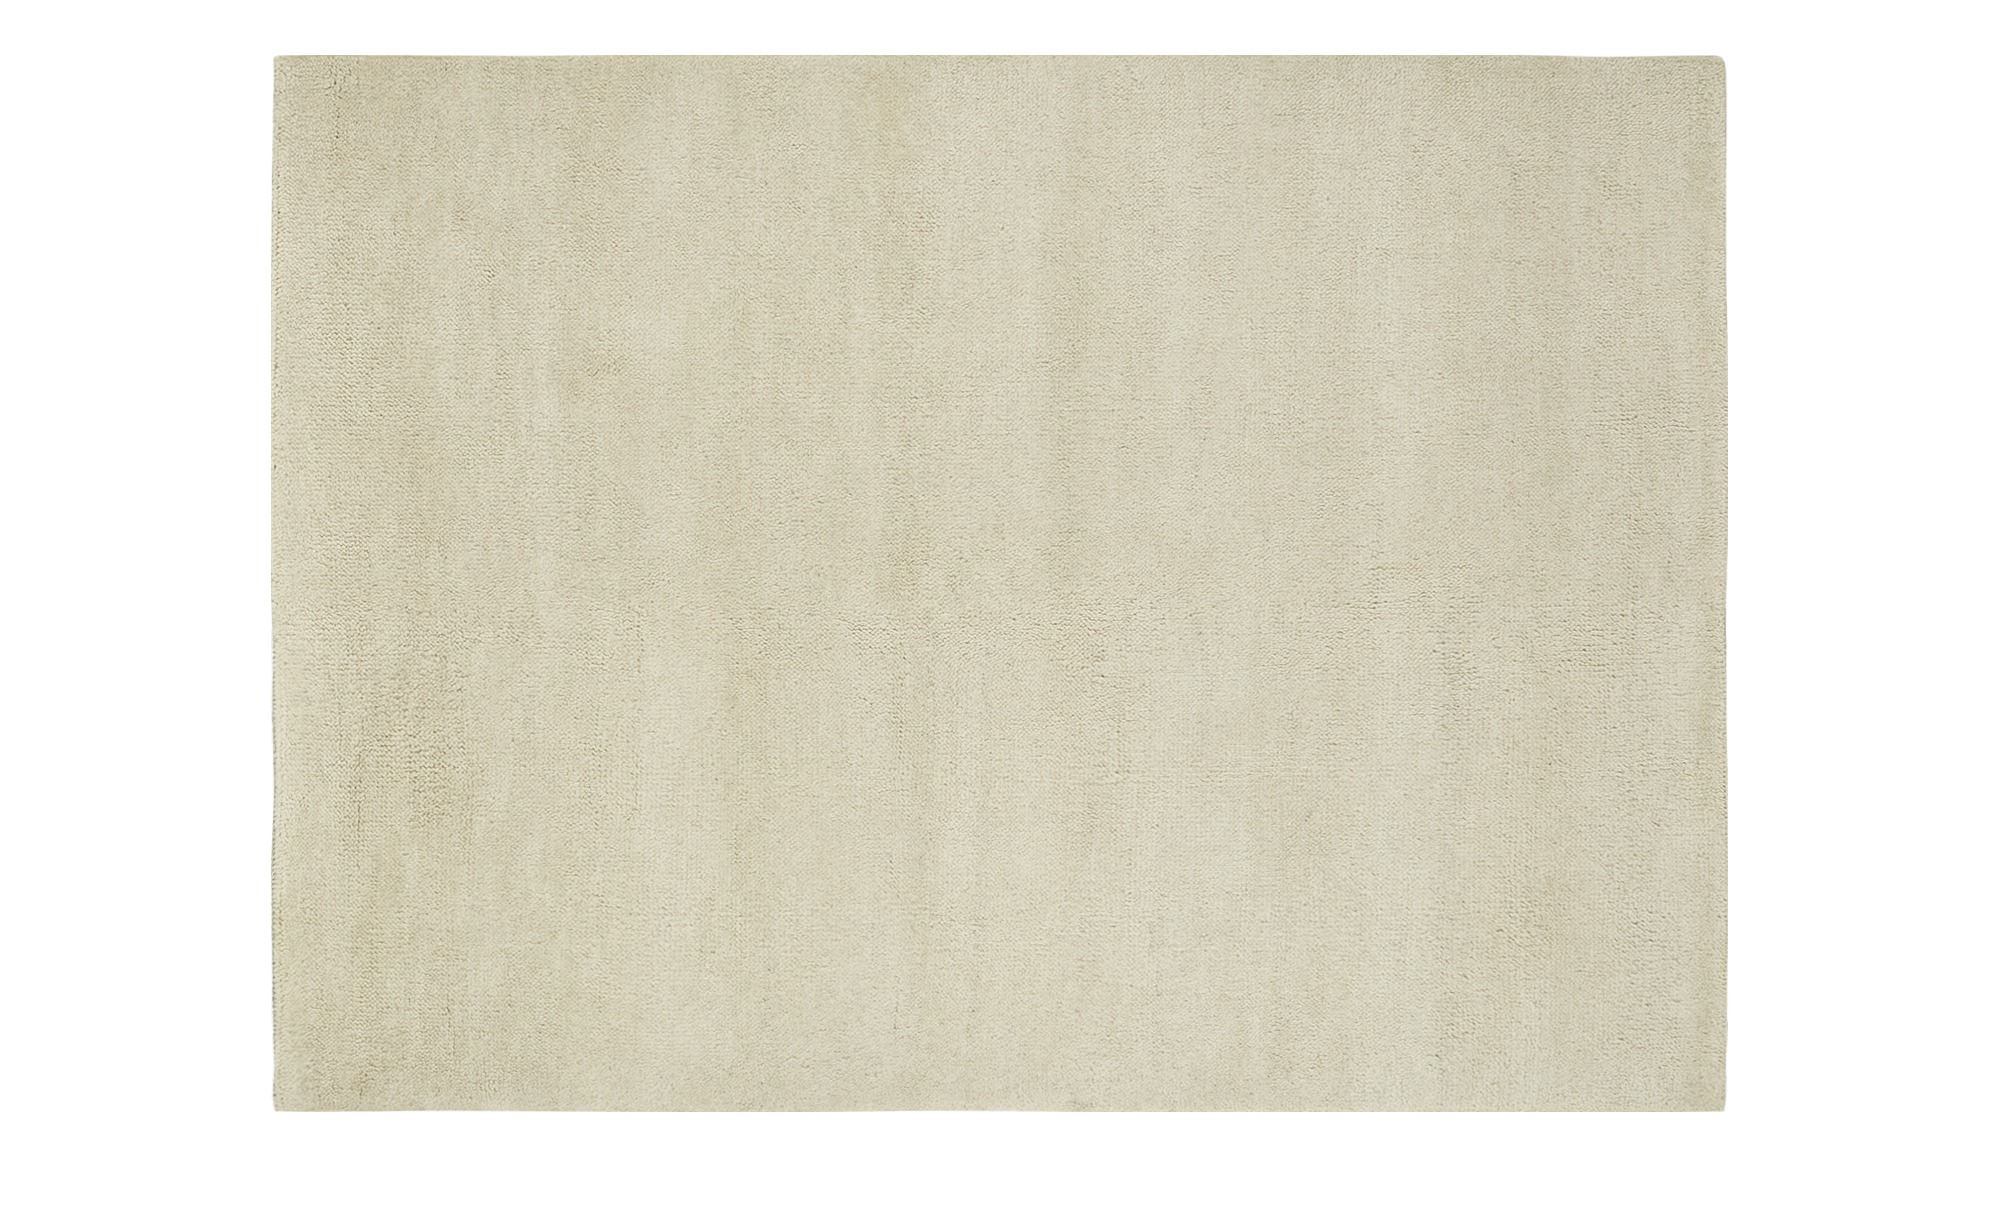 Berber-Teppich  Marrakesh simple ¦ creme ¦ reine Wolle ¦ Maße (cm): B: 120 Teppiche > Auslegware - Höffner | Heimtextilien > Teppiche > Berberteppiche | Creme | Wolle | Möbel Höffner DE